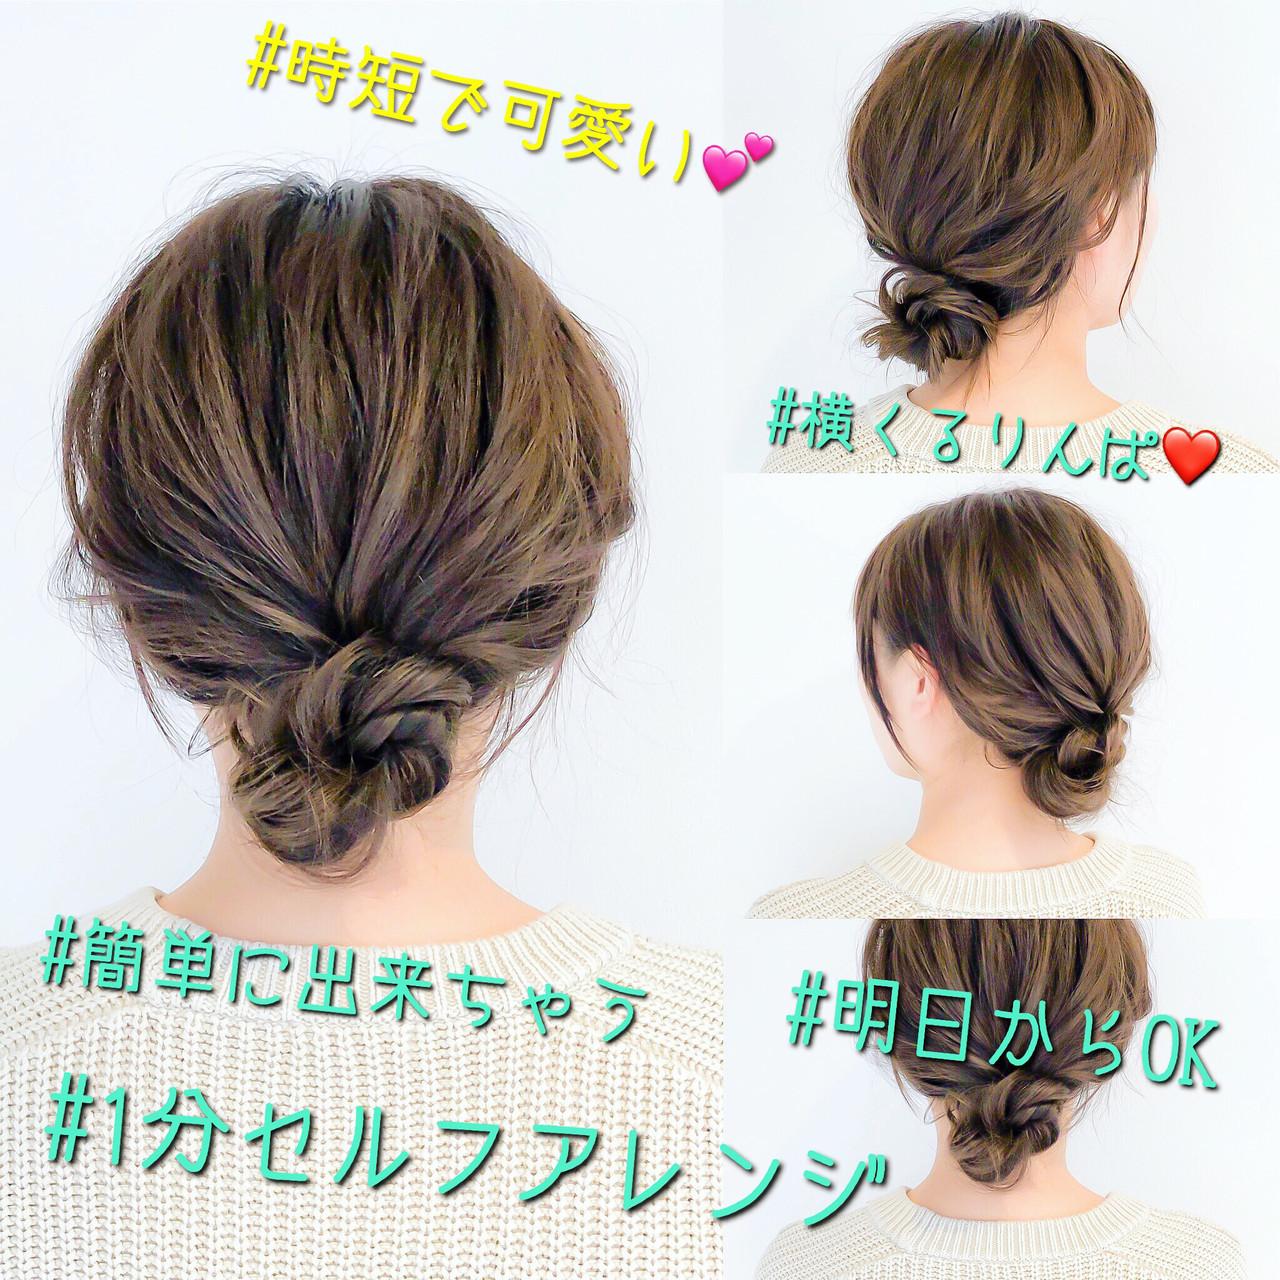 ヘアアレンジ デート フェミニン セルフアレンジ ヘアスタイルや髪型の写真・画像